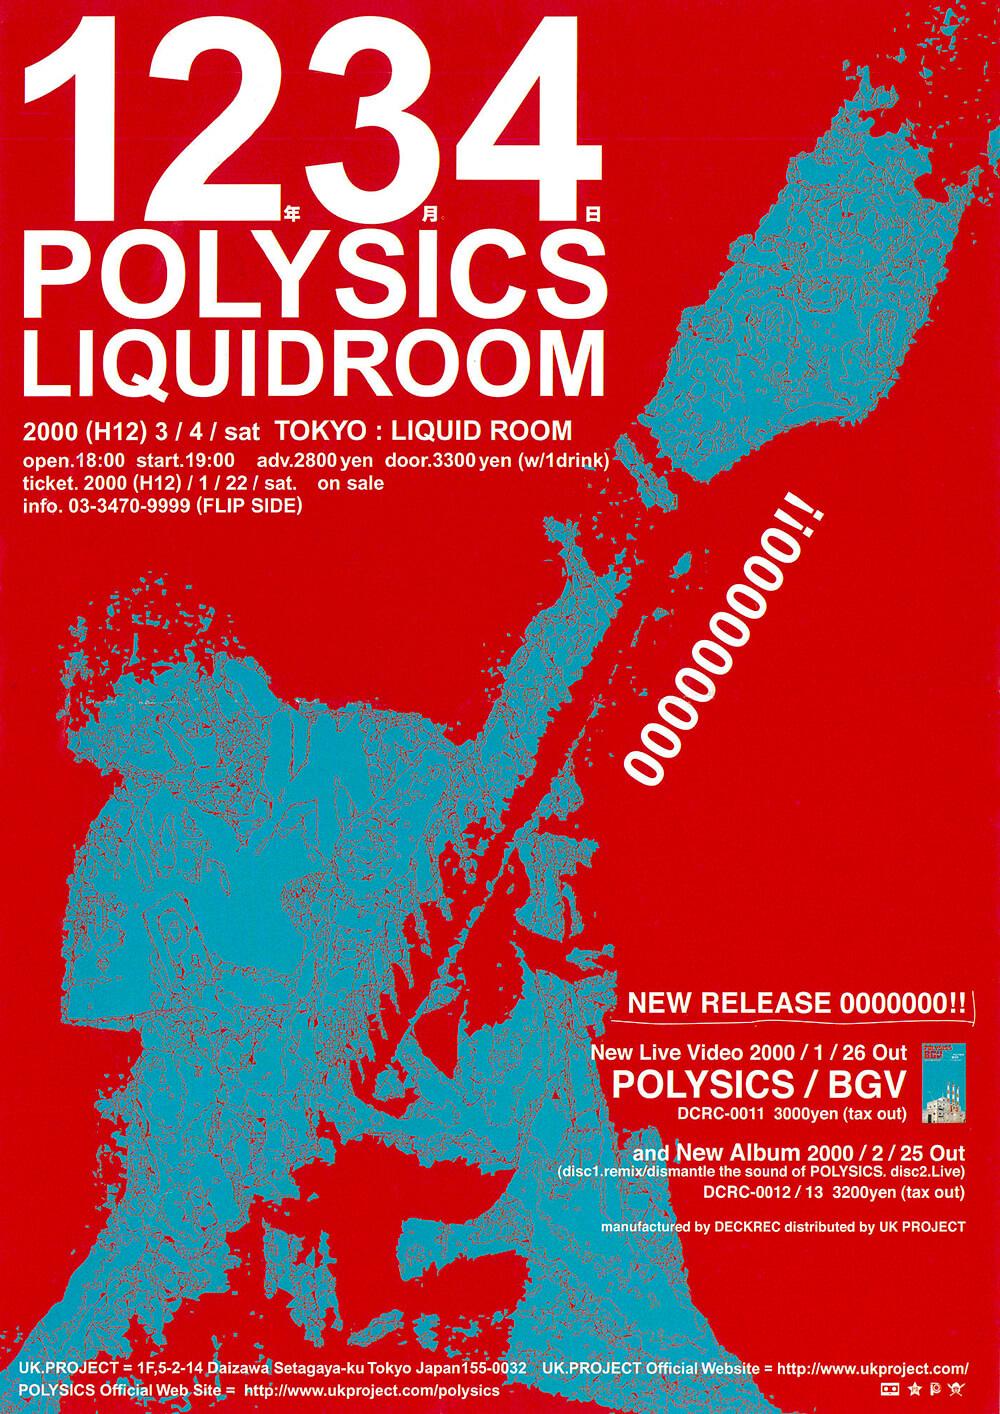 polysics liquidroom live fajp フライヤー チラシのグラフィック